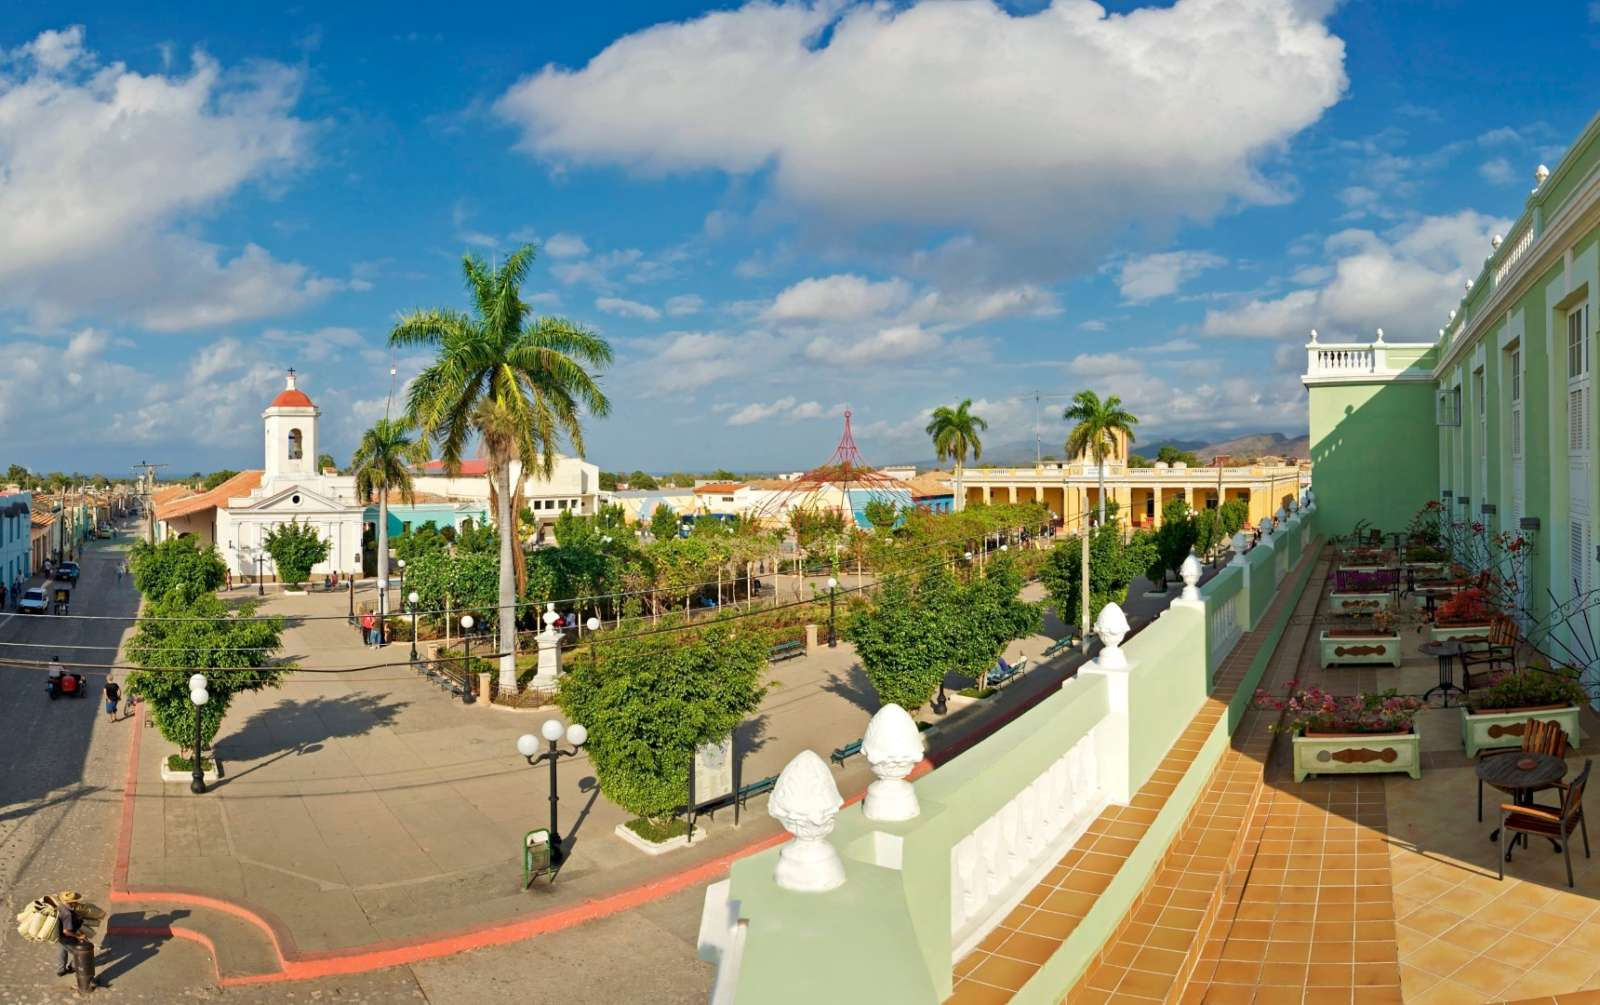 Room terraces at Iberostar Grand Trinidad